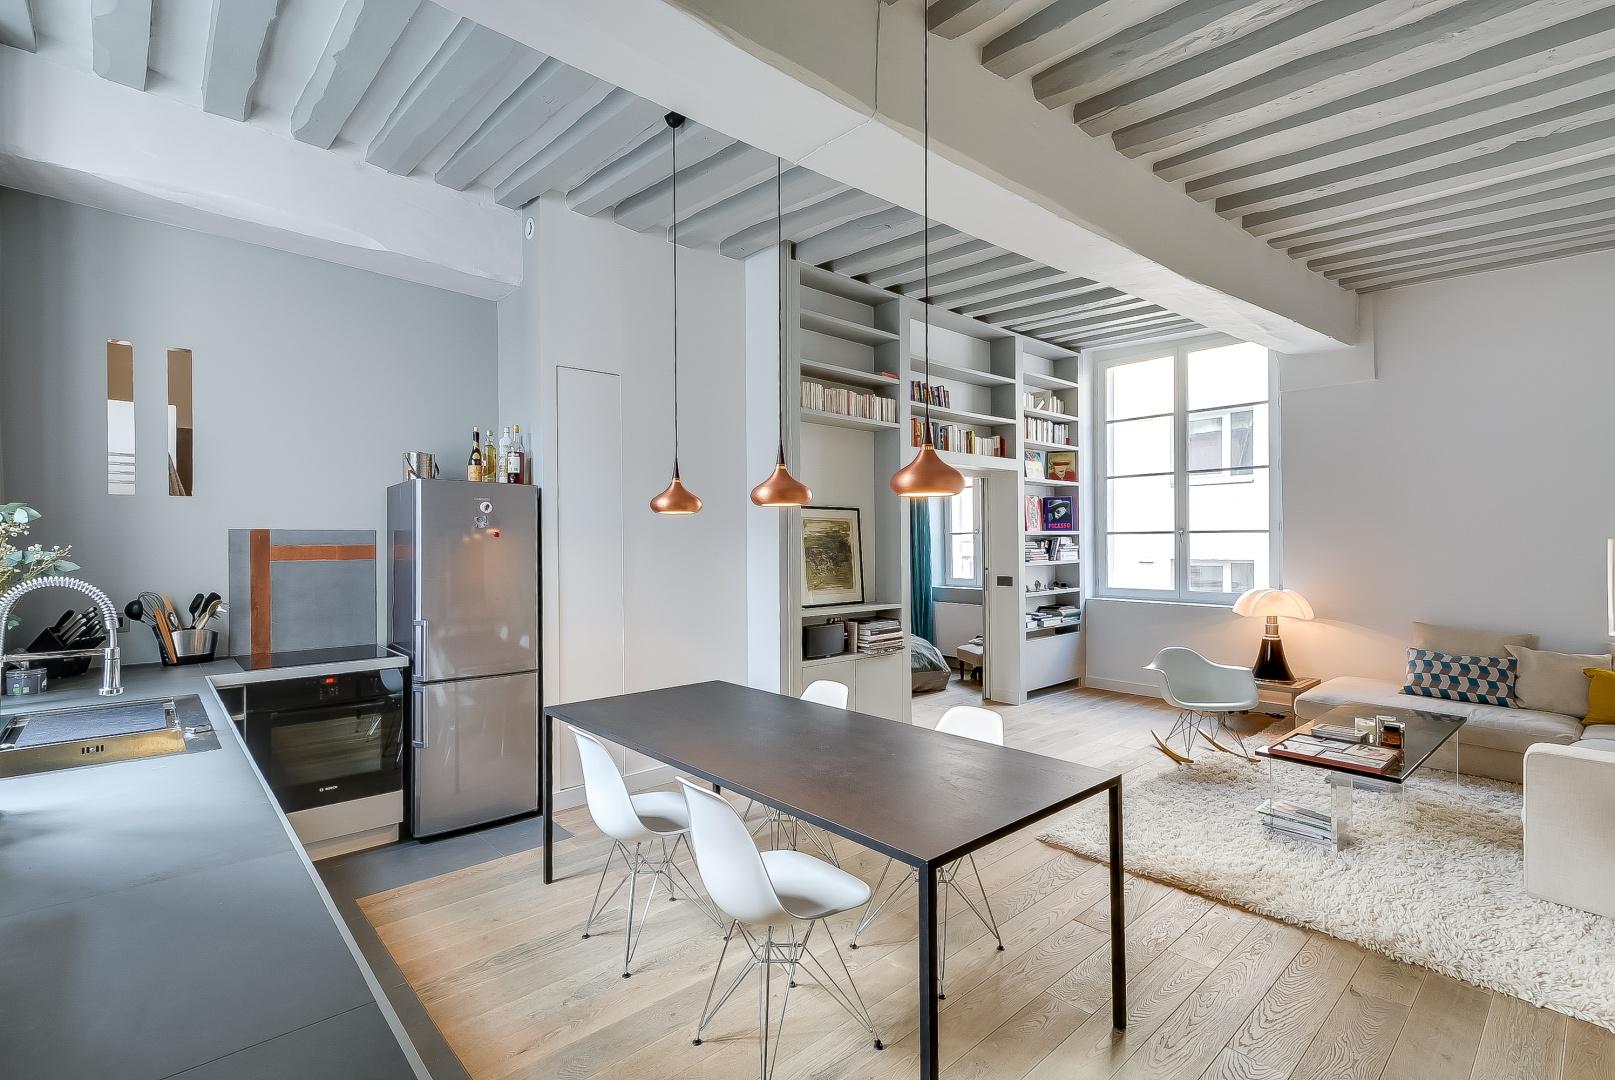 Strefę wypoczynkową wyznacza miękki, kosmaty dywan na podłodze w salonie. Projekt: Tatiana Nicol. Fot. Meero Photographe Immobilier.